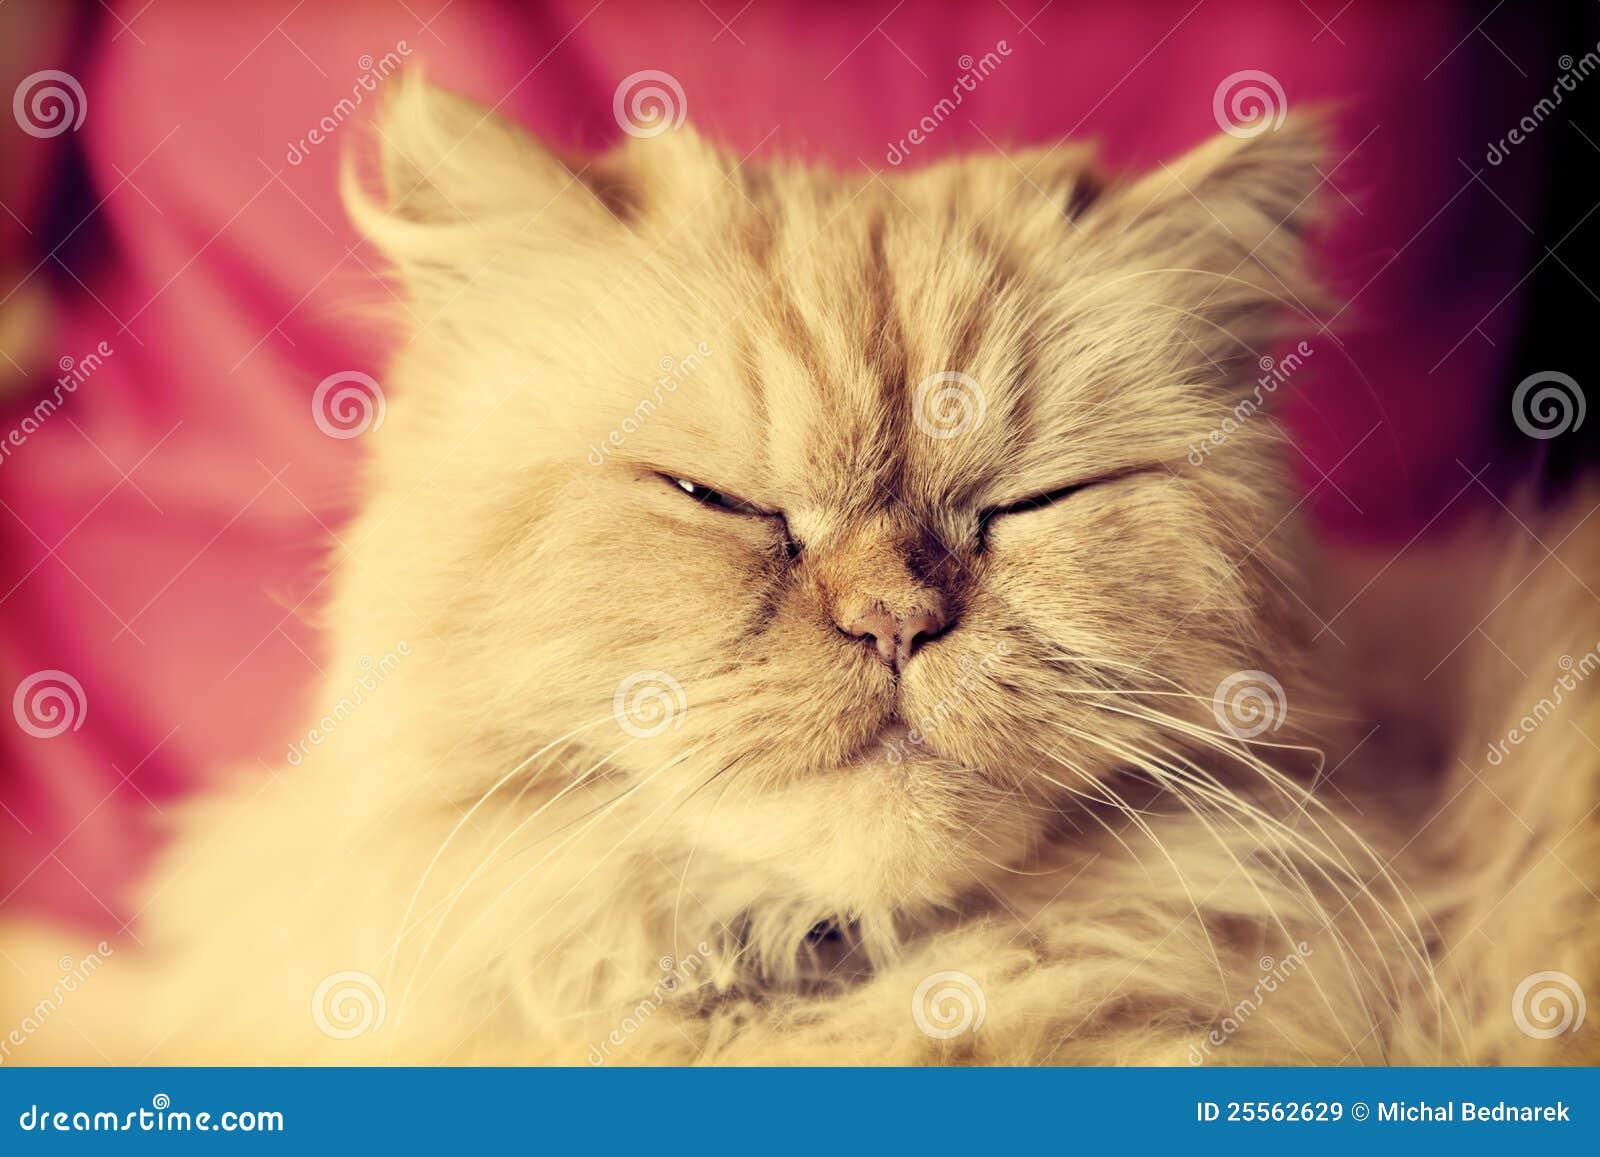 Cute Persian cat looking relaxed